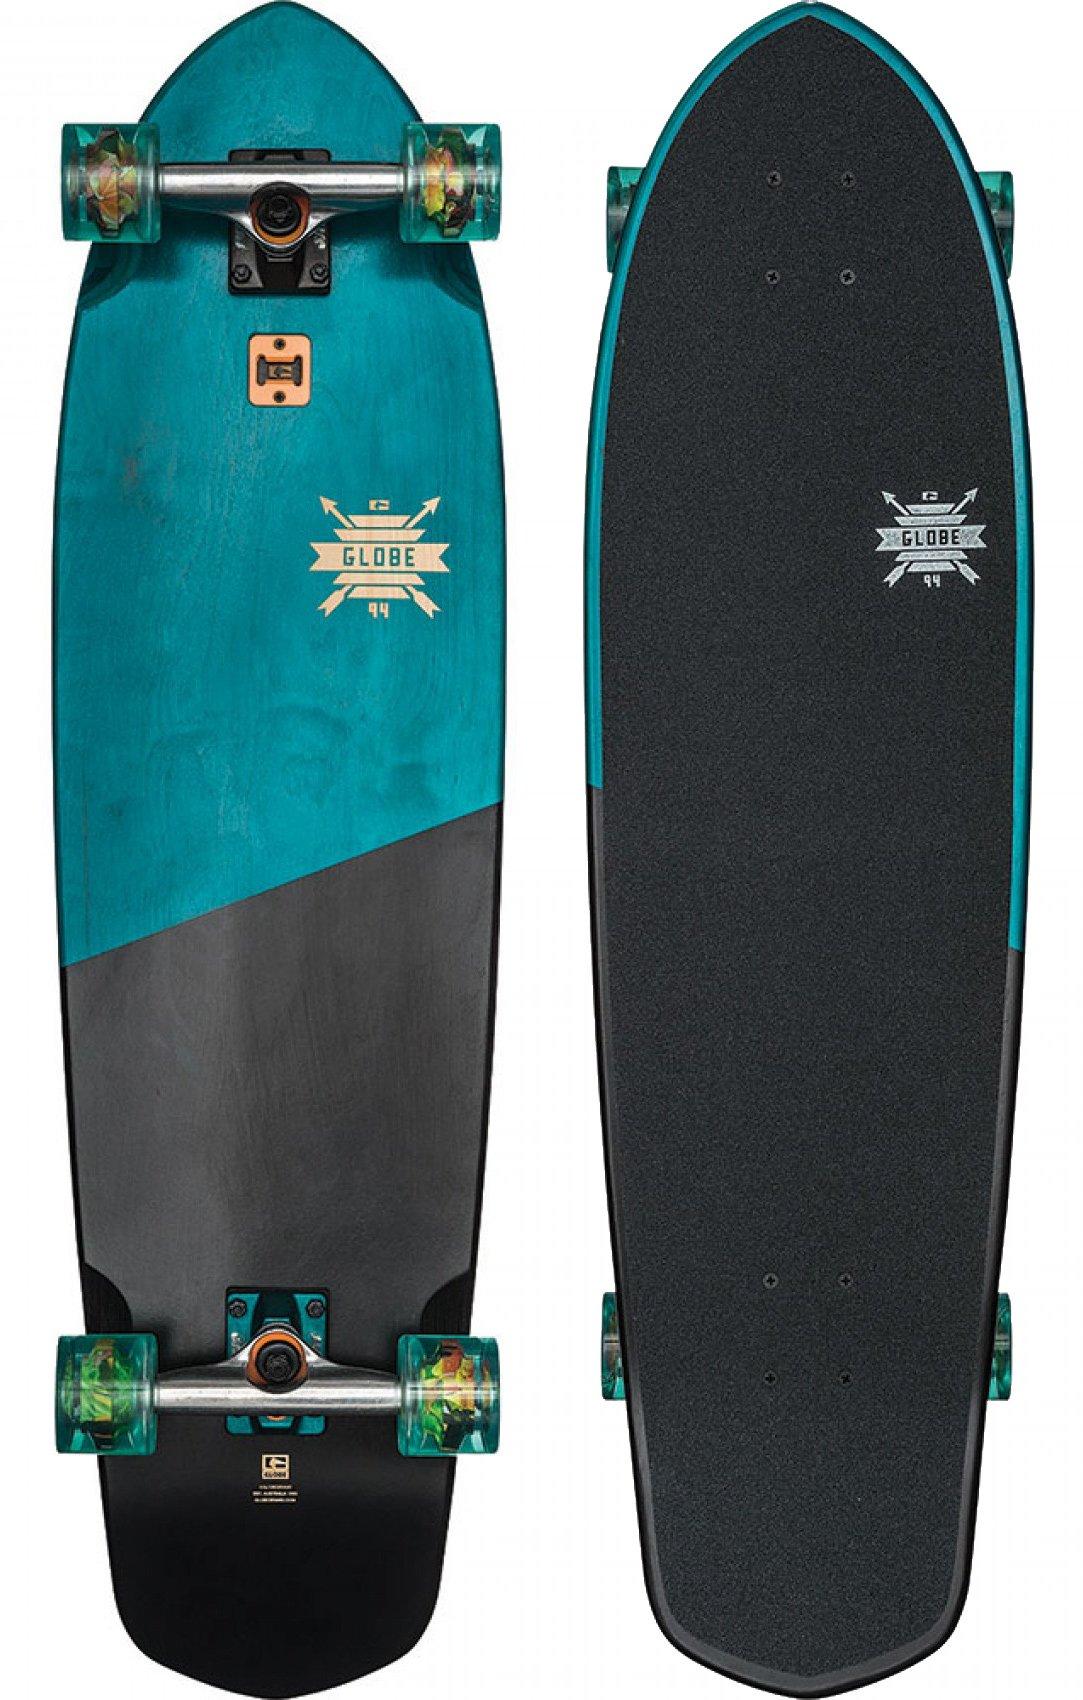 GLOBE Skateboards Blazer XL Longboard Complete Skateboard, Blue Tropics, Size 36